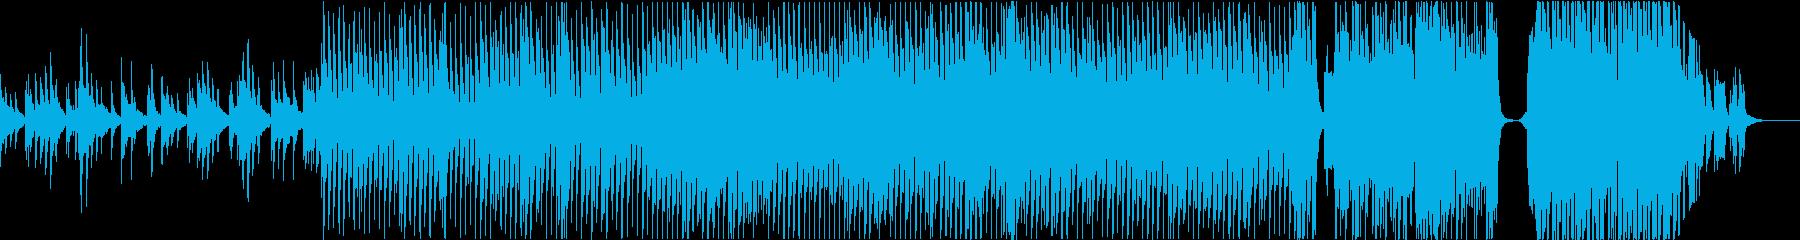 企業VP/OP映像に最適な壮大なBGMの再生済みの波形